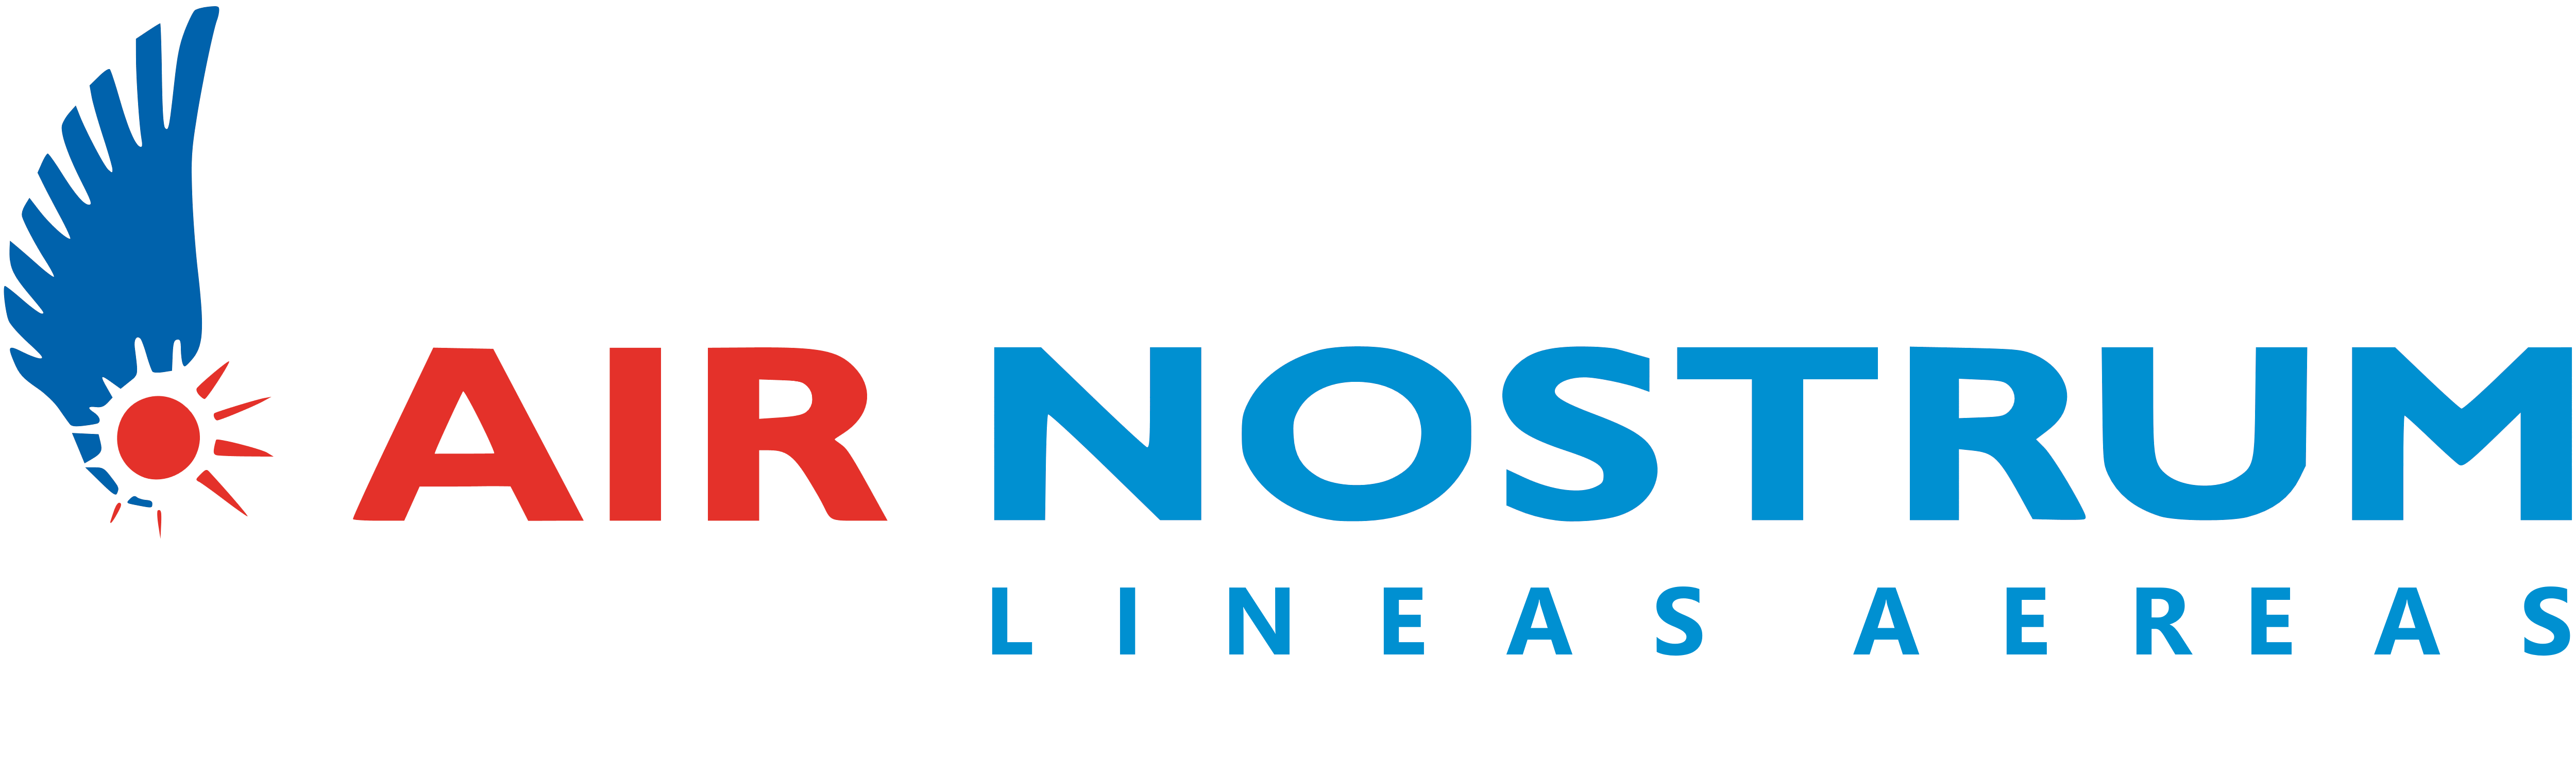 Resultado de imagen para air nostrum logo